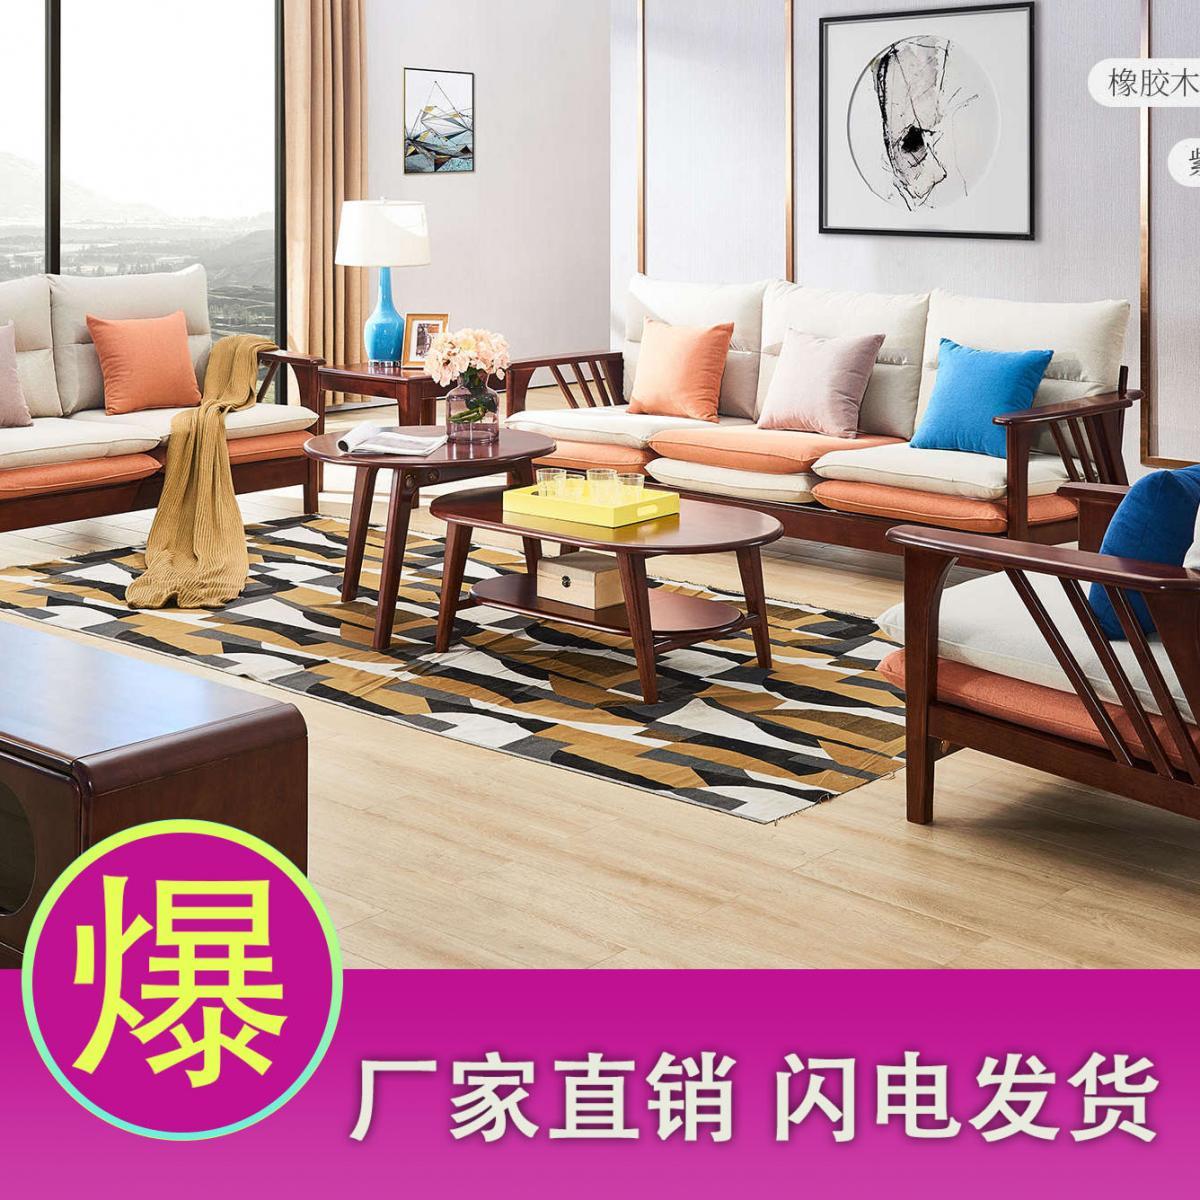 新中式实木沙发组合现代中式简约别墅酒店样板房整套全屋家具